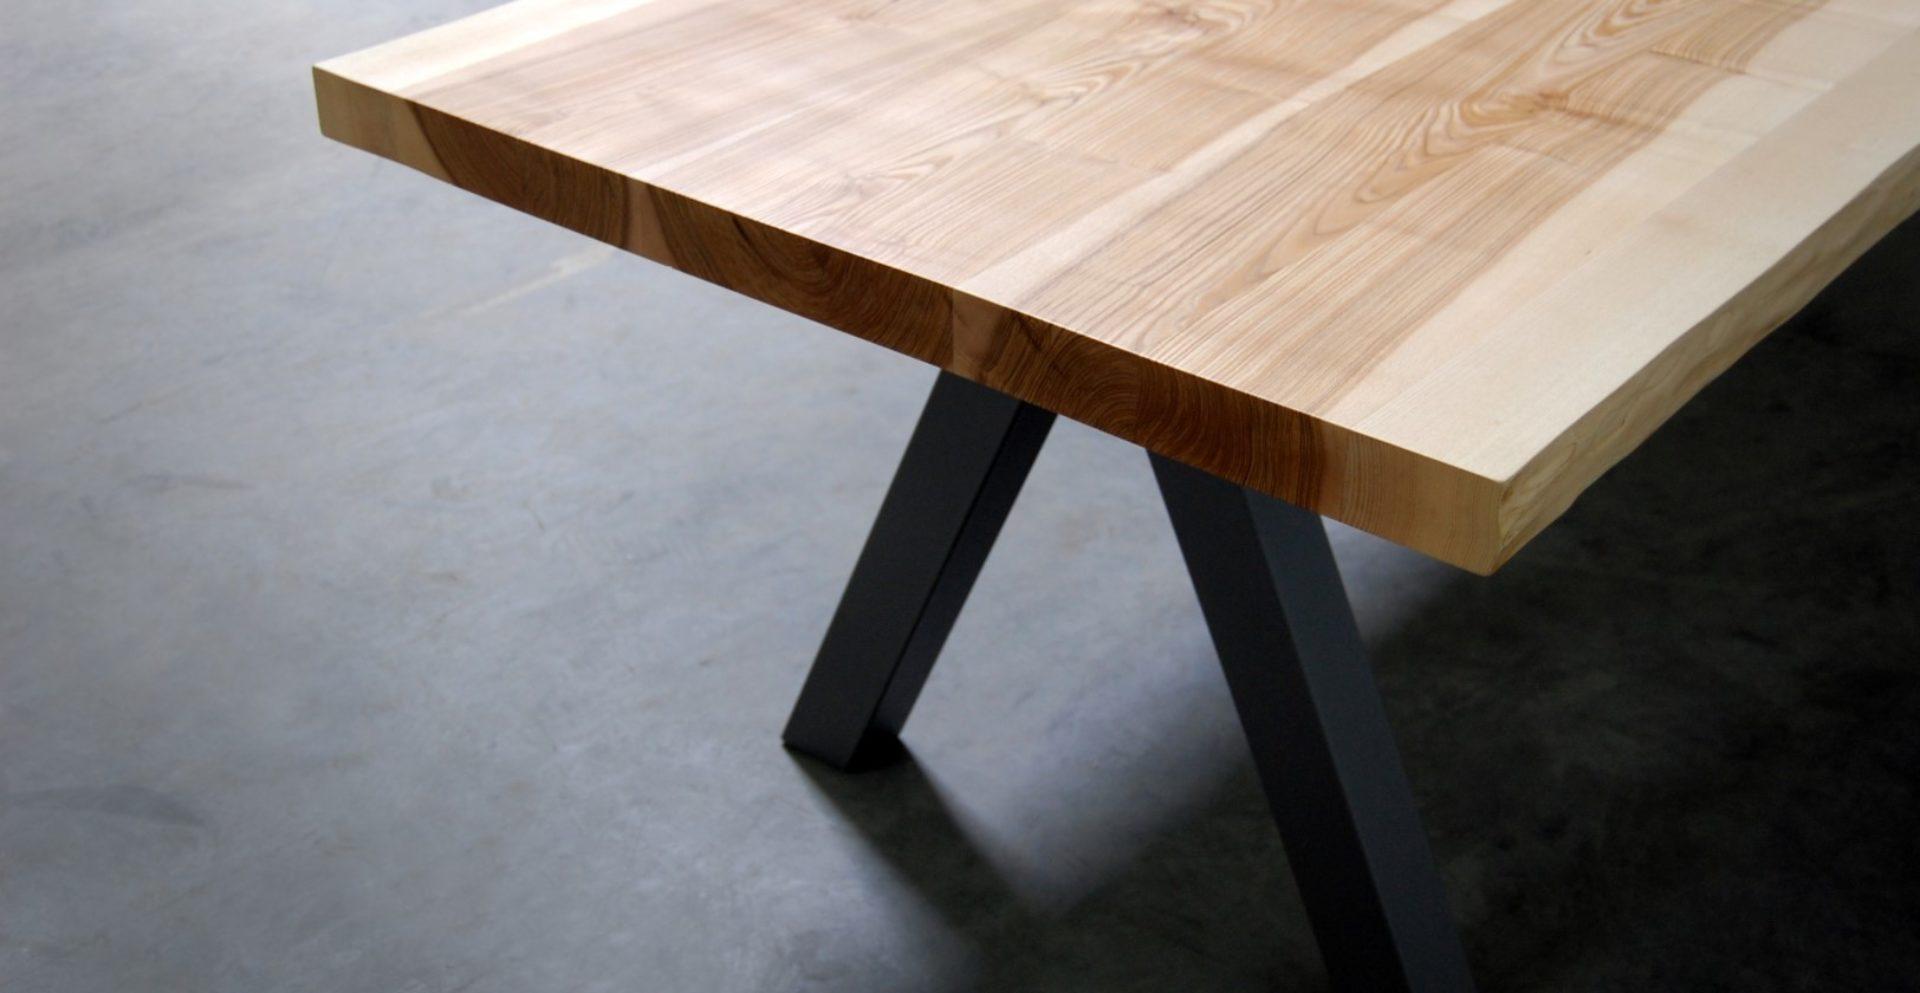 Artmeta artmeta - tables et mobilier sur mesure français - 100% artisanal